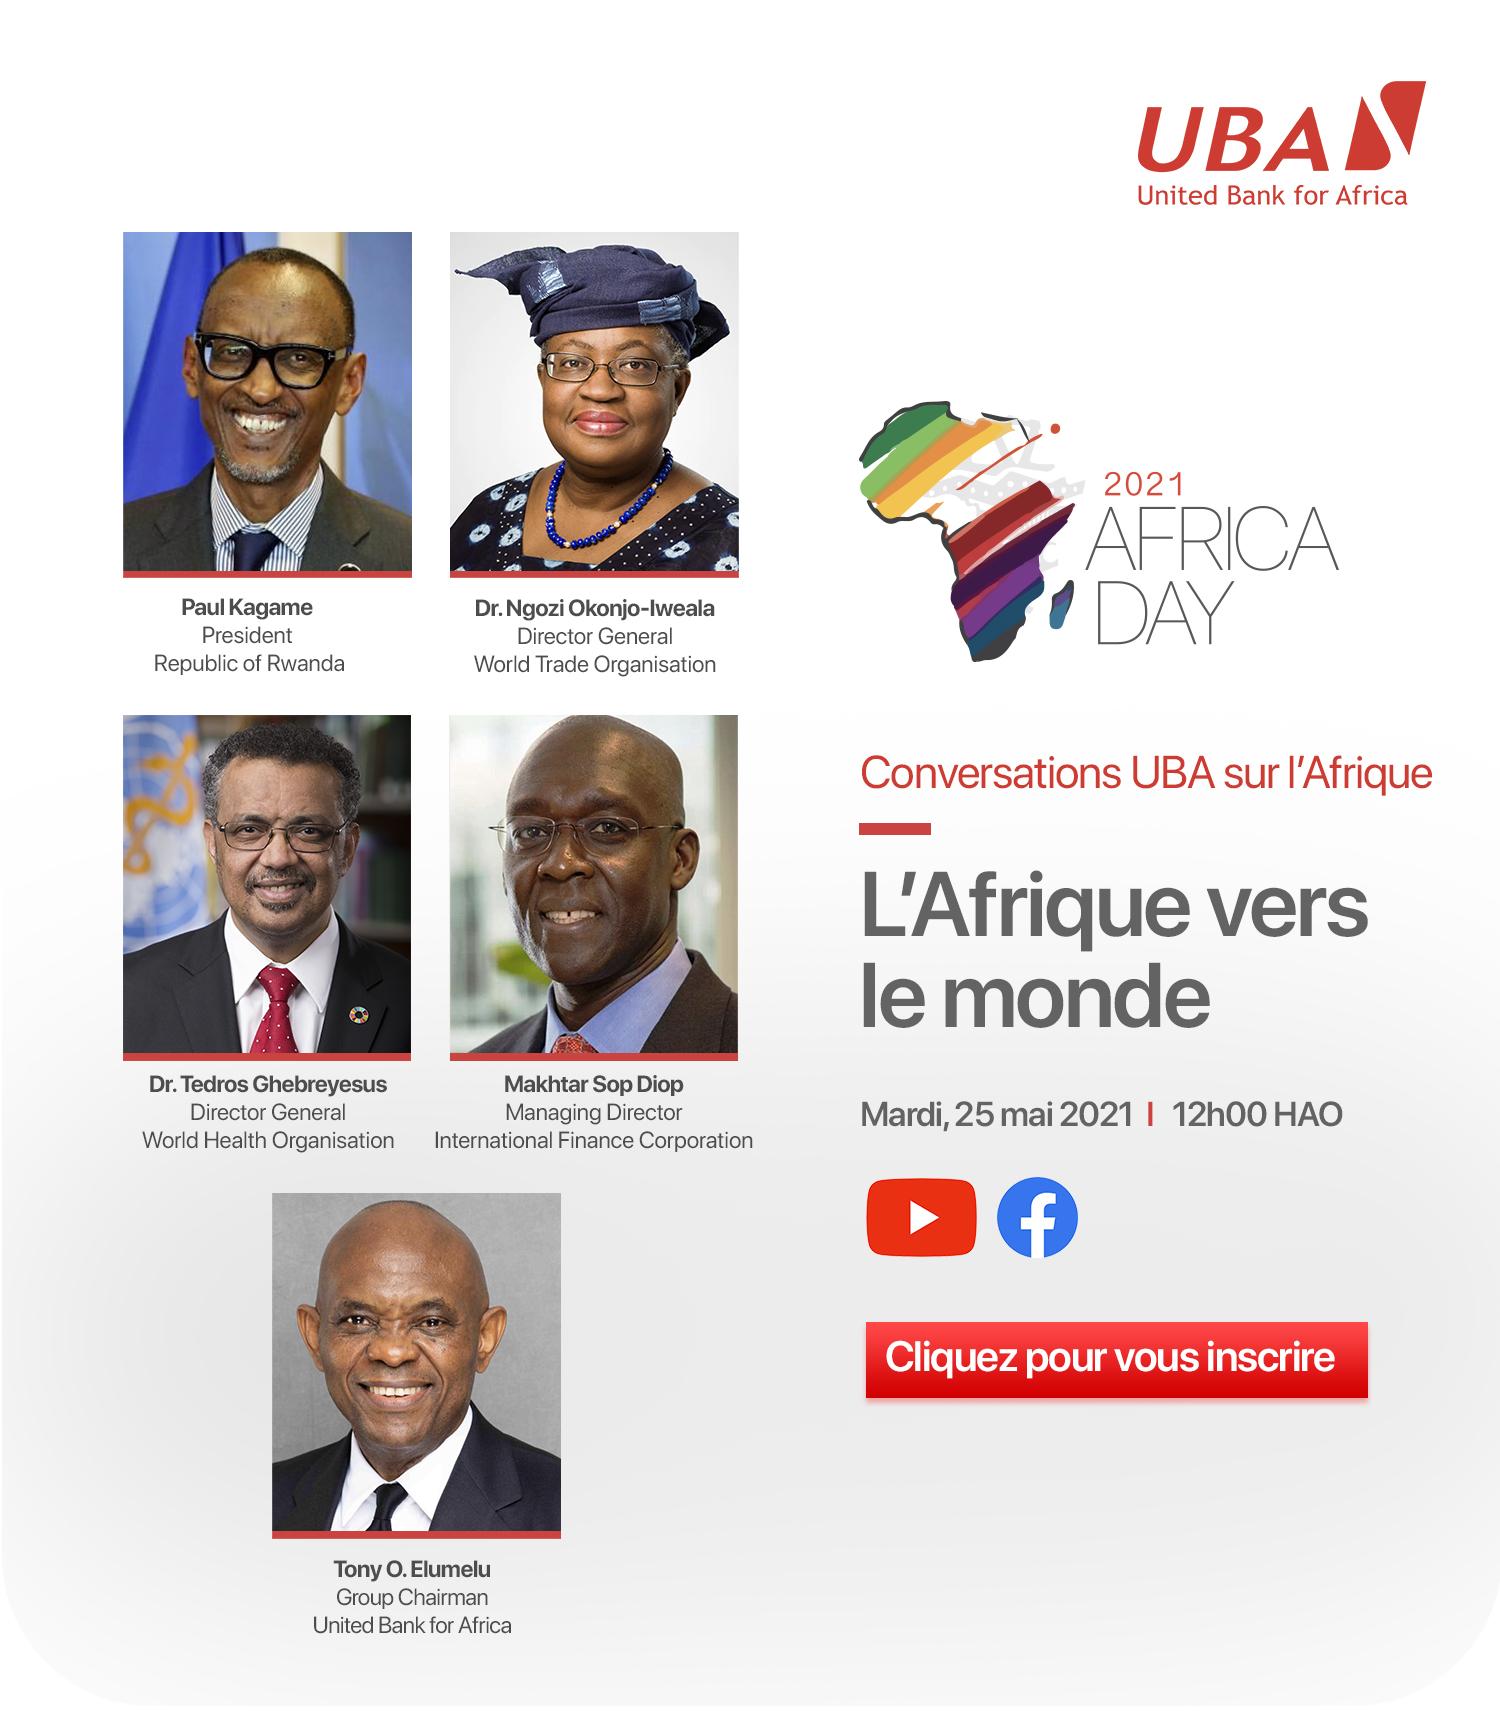 JOURNEE MONDIALE DE L'AFRIQUE : UBA organise une rencontre virtuelle pour accompagner le leadership africain